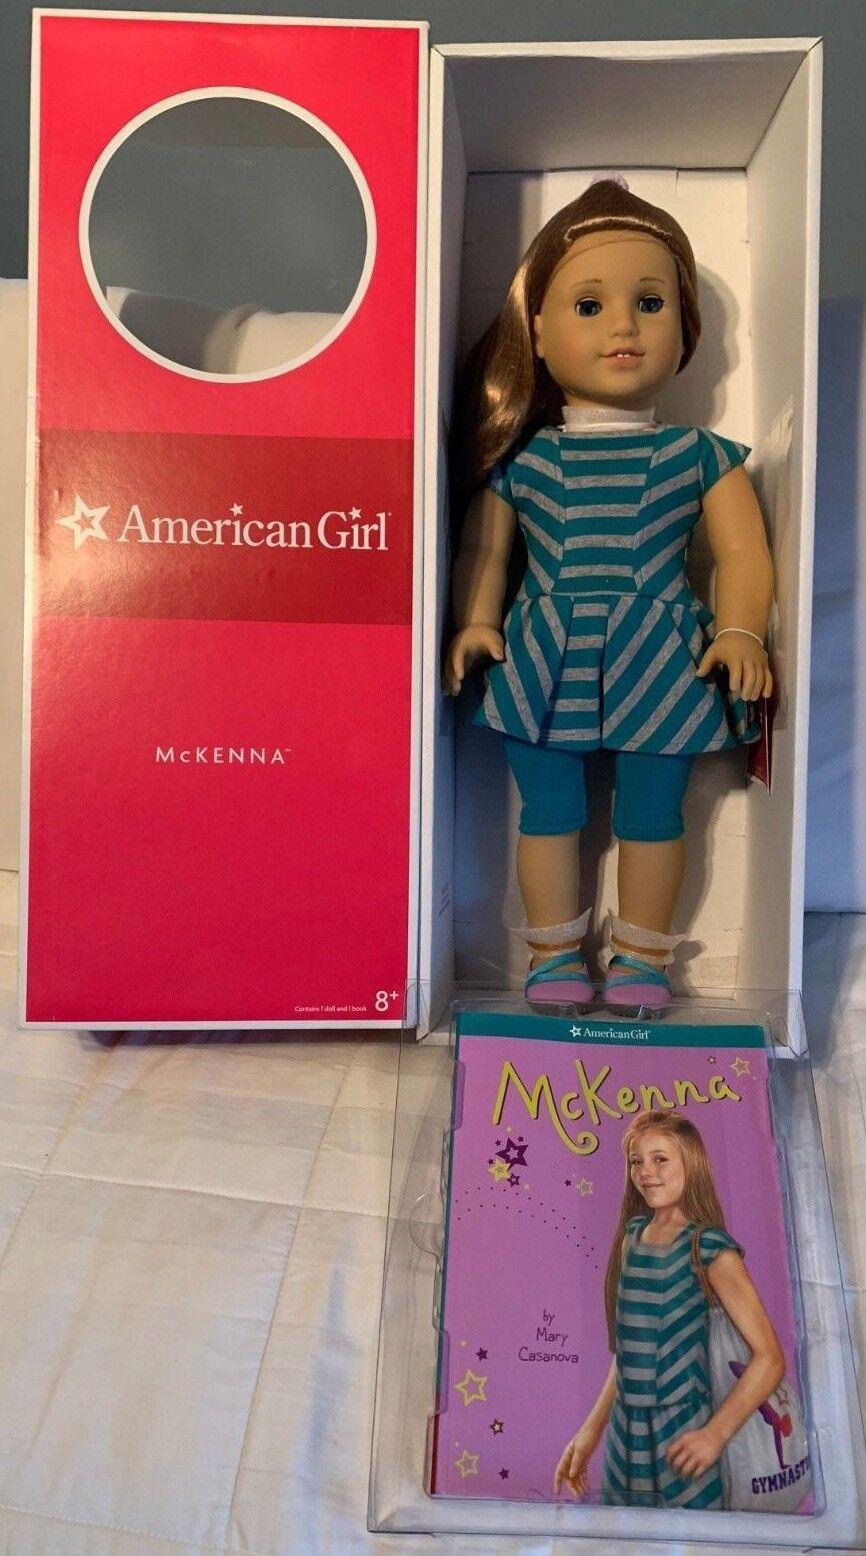 Nuevo American Girl Muñeca de McKenna del año 2012 Goty retirado En Caja Original Body Tag 2012